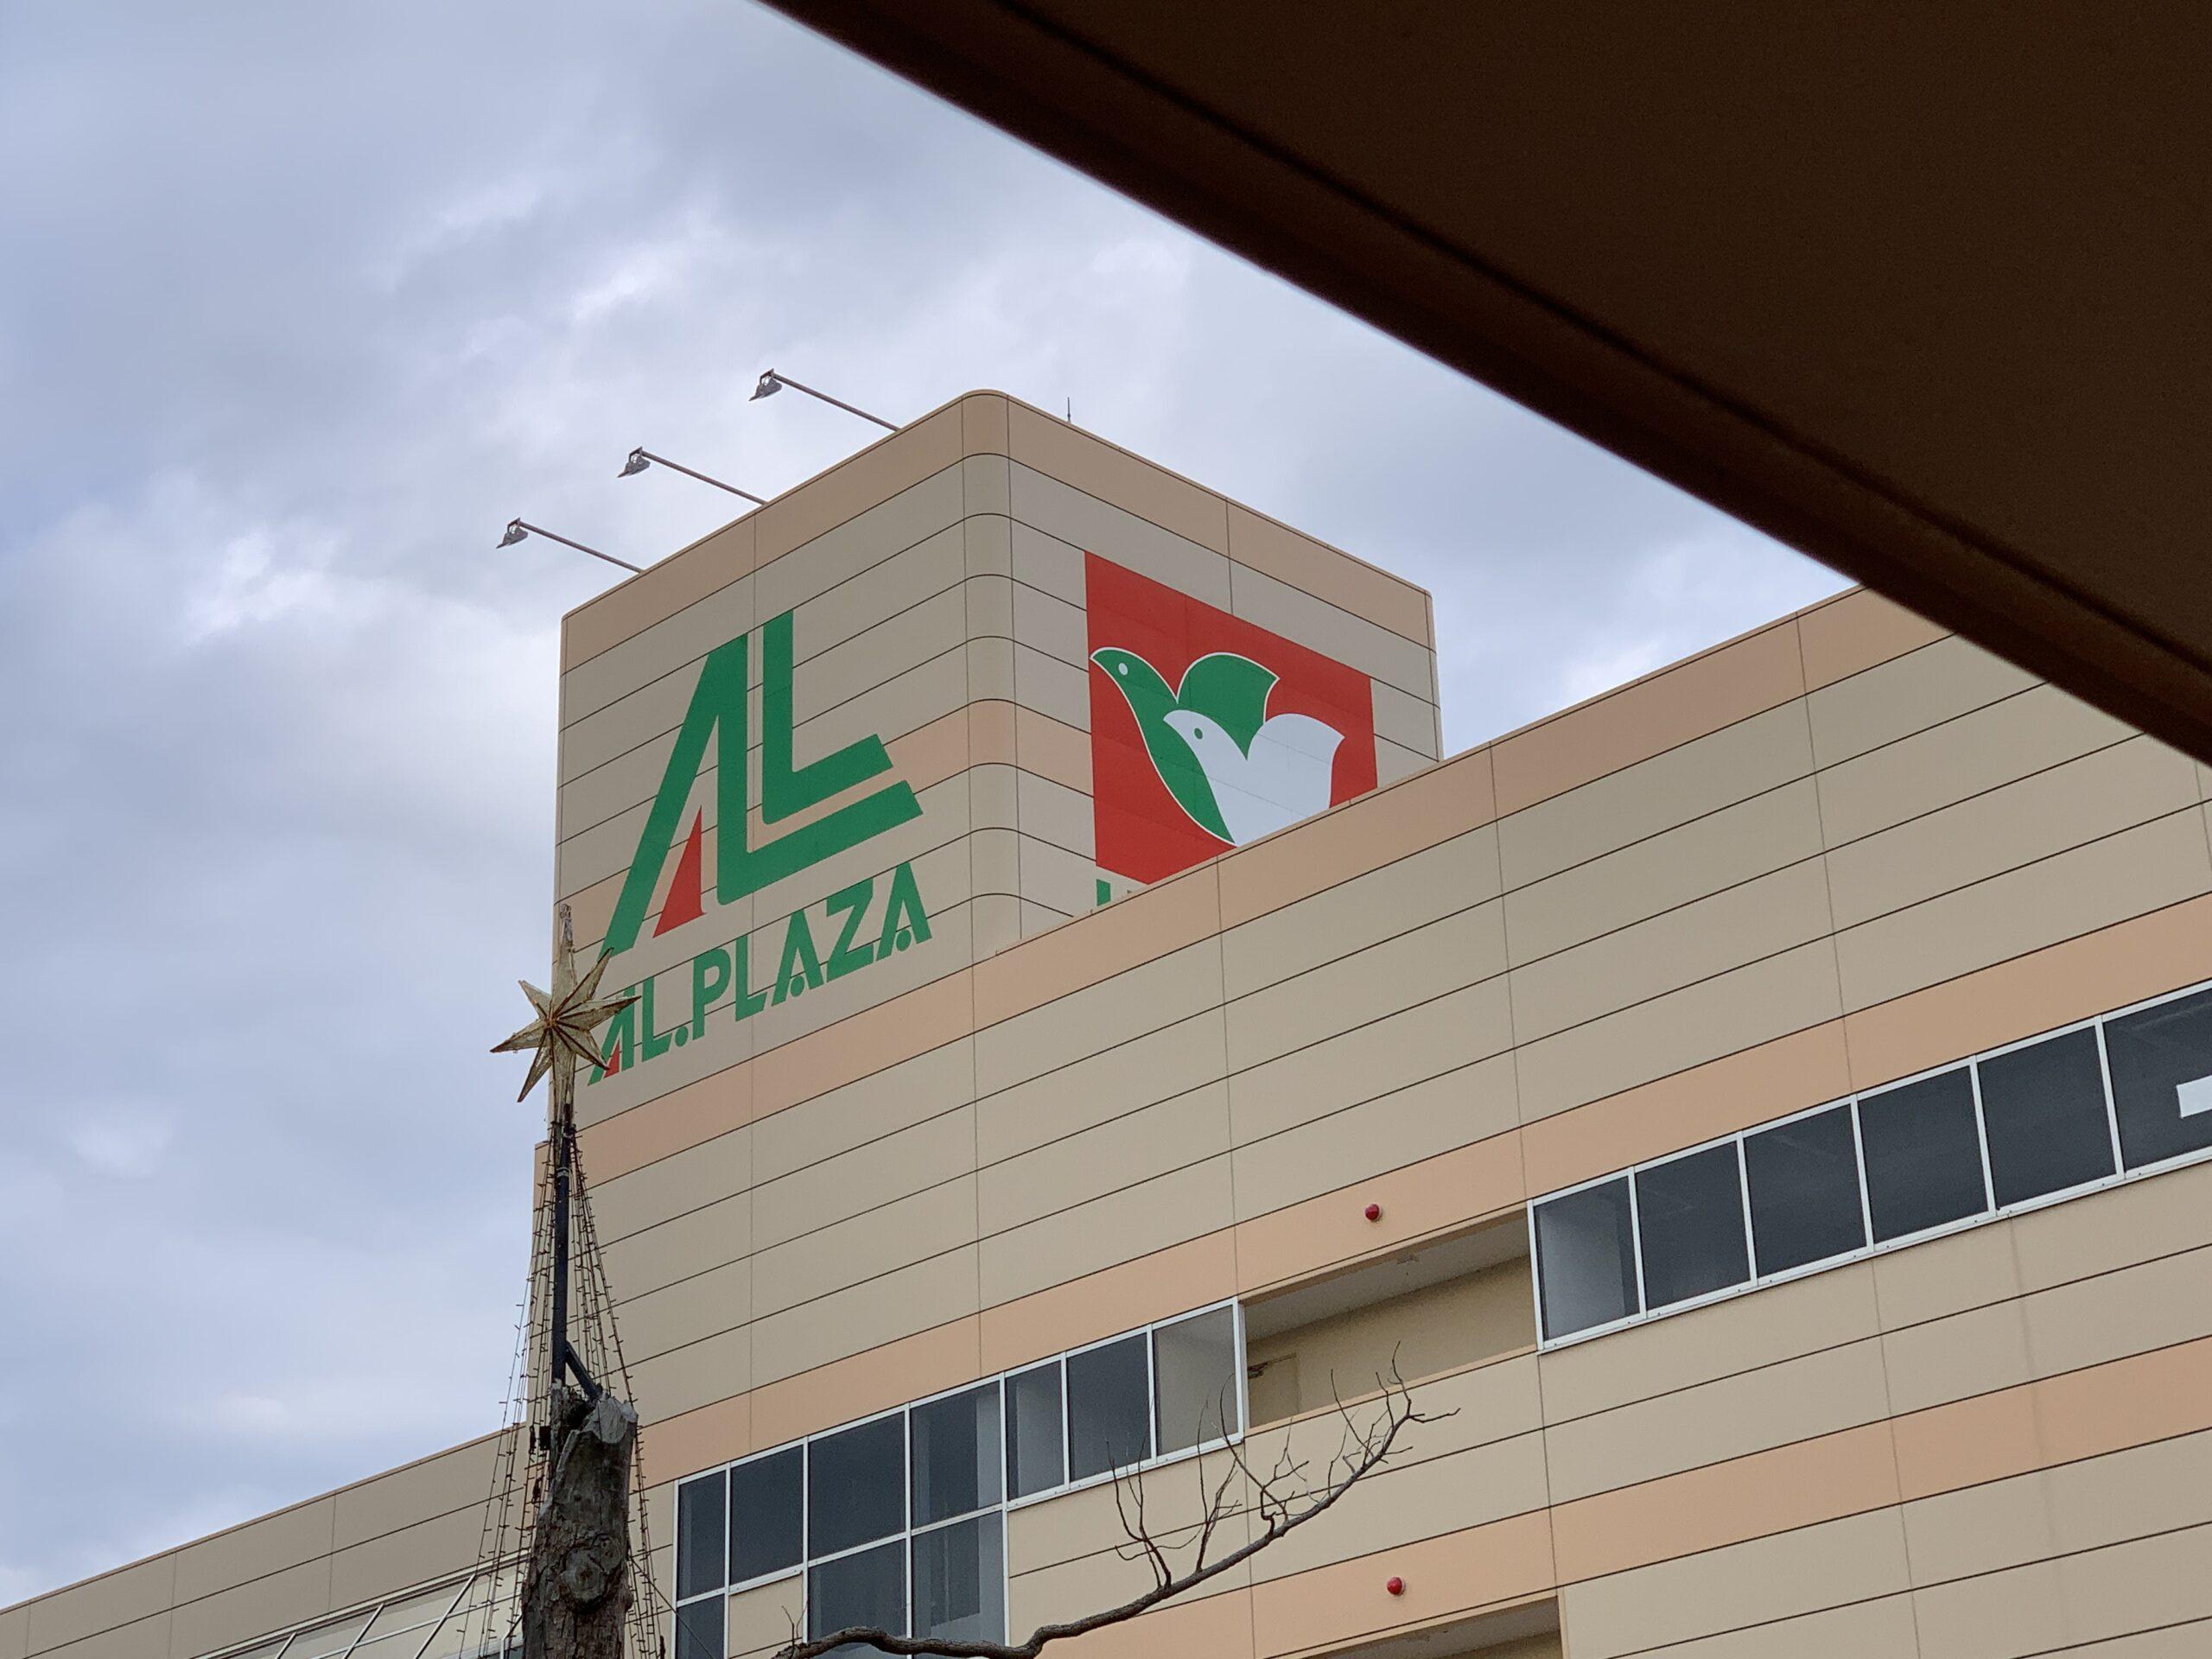 アル・プラザ平和堂の看板